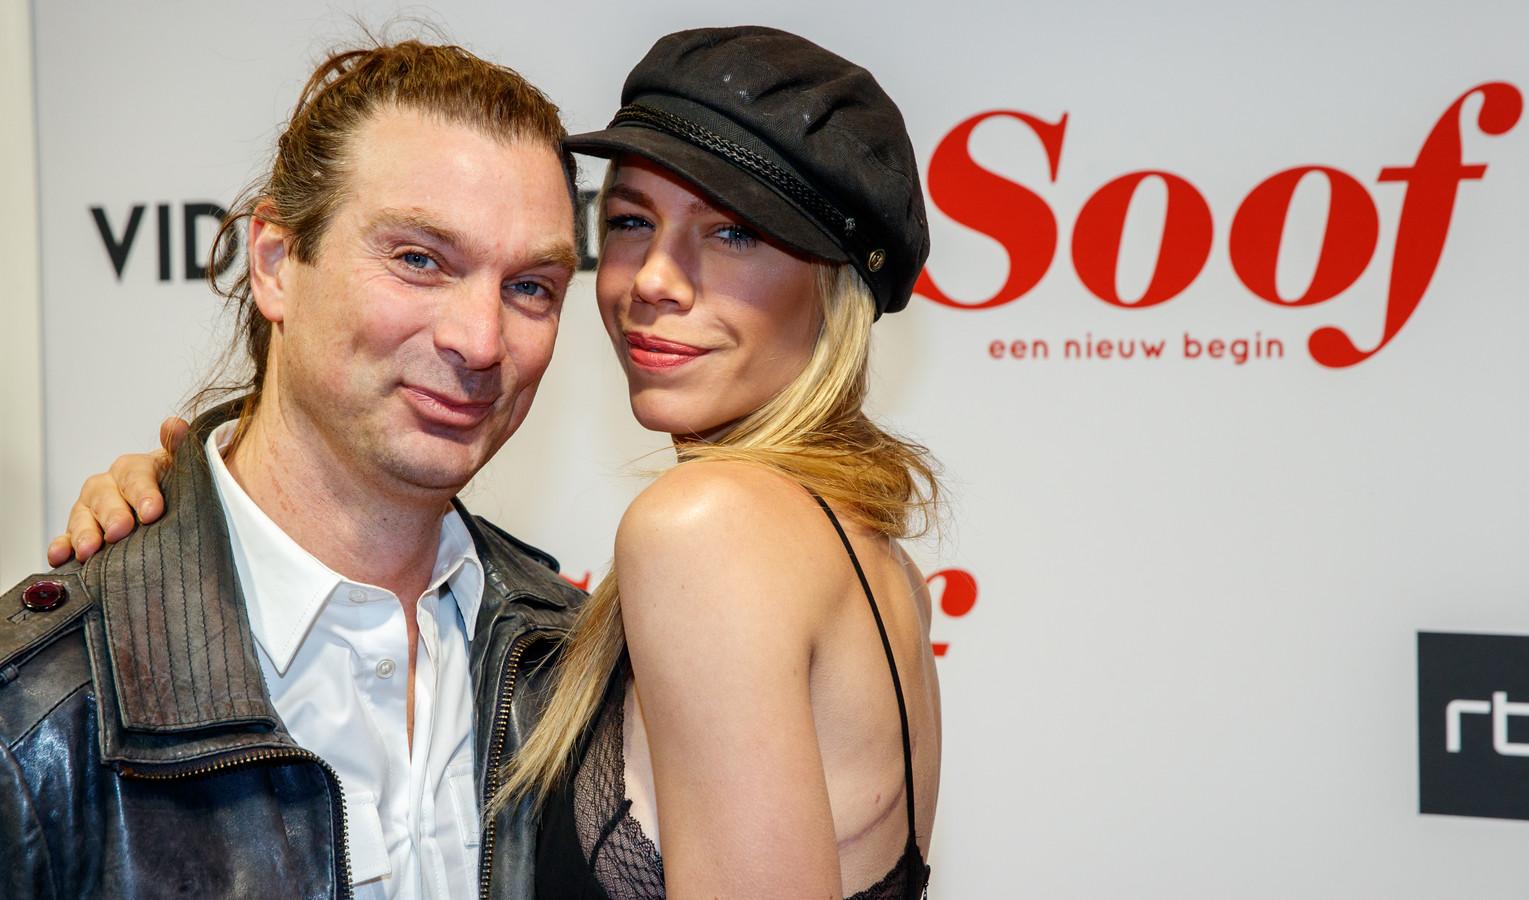 Het lijkt erop dat Nicolette Kluijver en haar man Joost uit elkaar gaan. Een inmiddels verwijderde Instagram-post van de presentatrice wees daar vrijdagavond op.